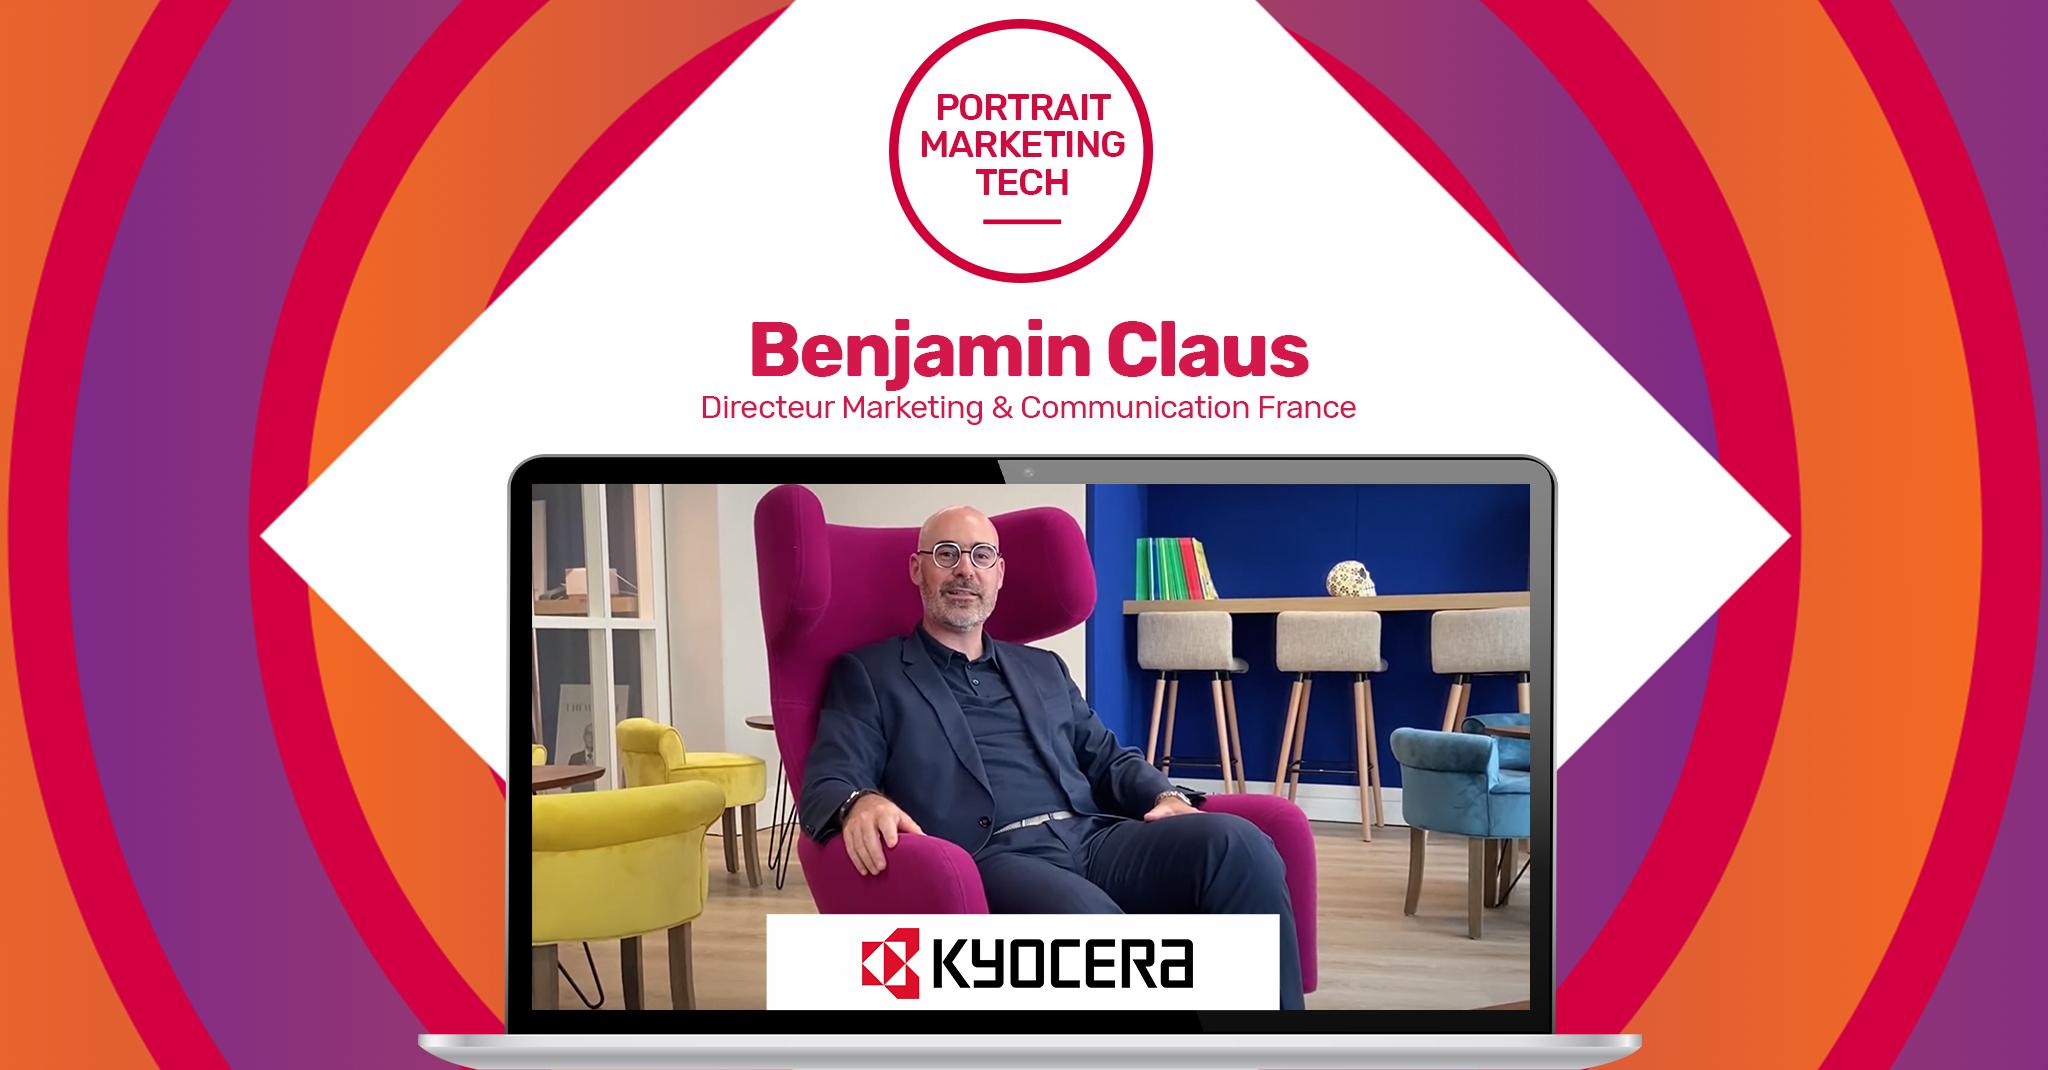 Portrait Marketing Tech - Kyocera